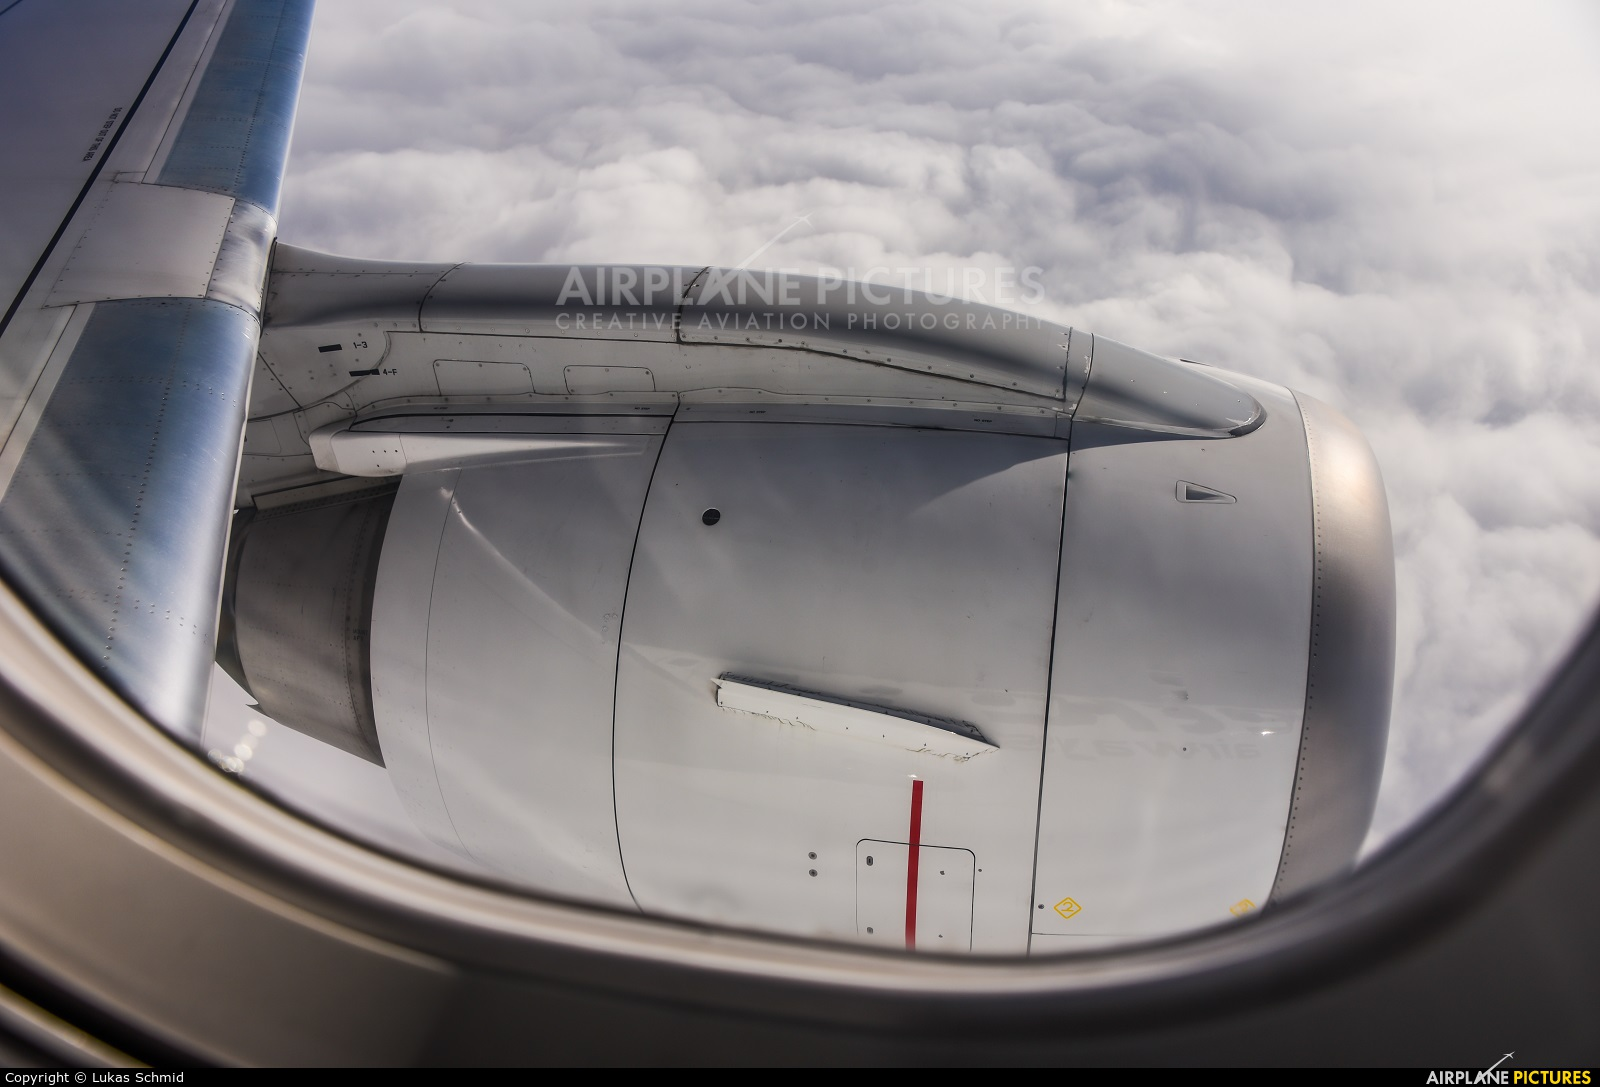 Helvetic Airways HB-JVO aircraft at In Flight - Switzerland